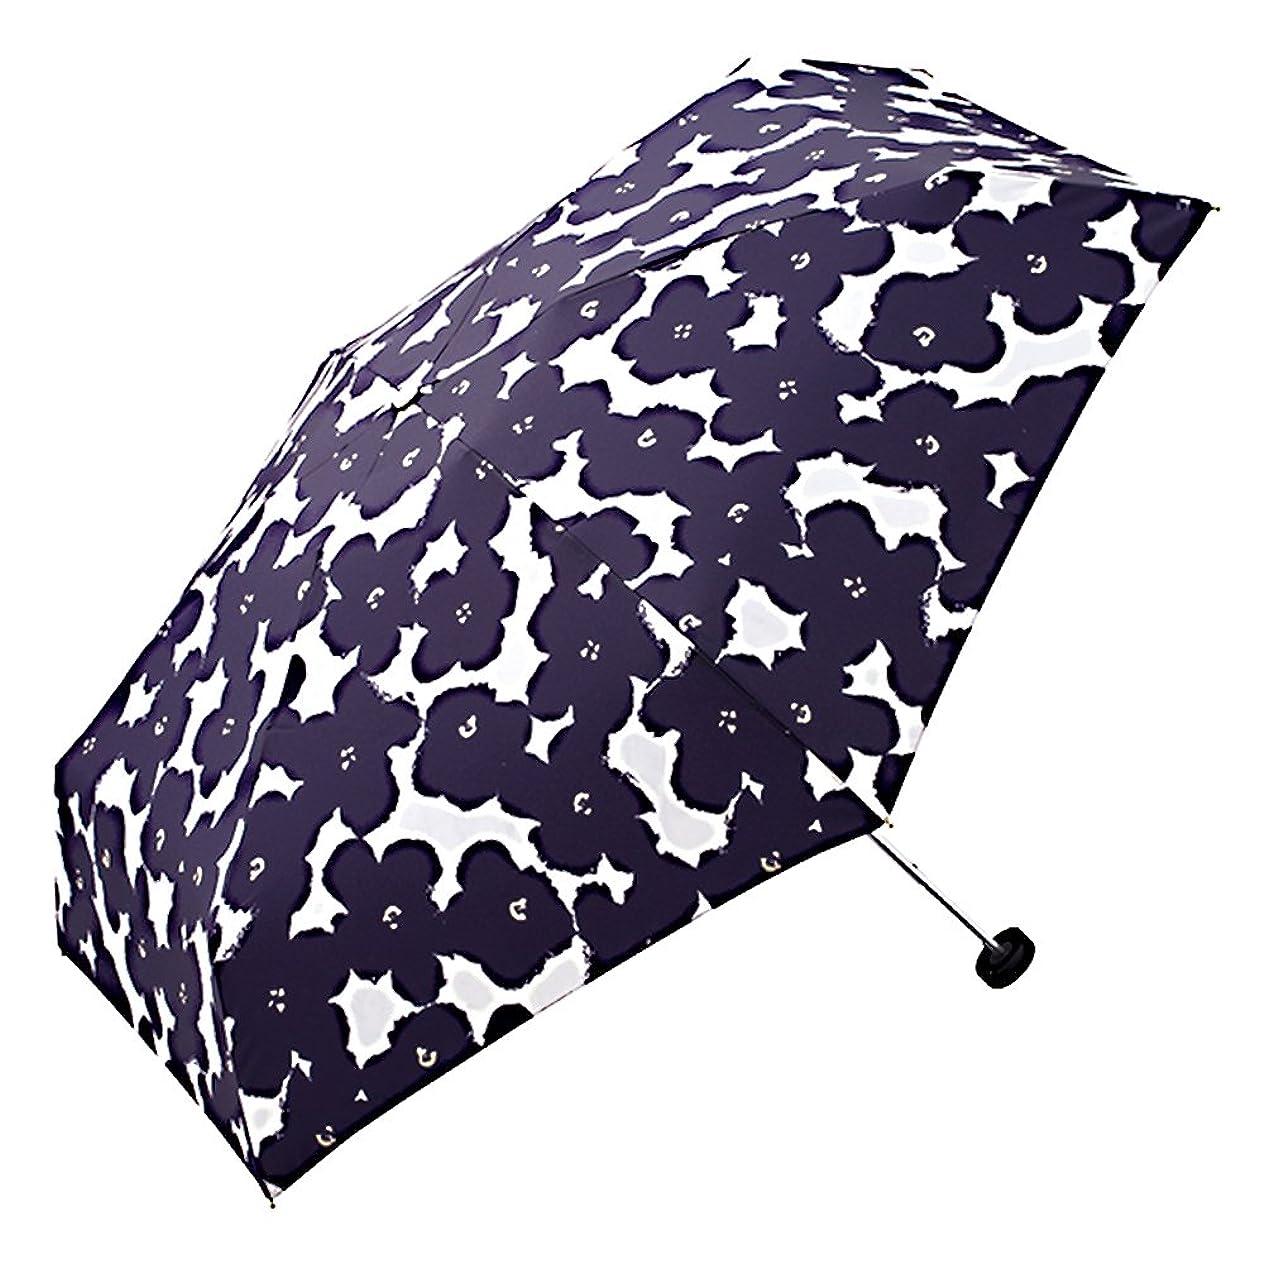 ラインナップ国民お風呂を持っているワールドパーティー(Wpc.) 雨傘 折りたたみ傘  ネイビー  50cm  レディース ジッパーケースタイプ ハナプリント ミニ 762-127 NV